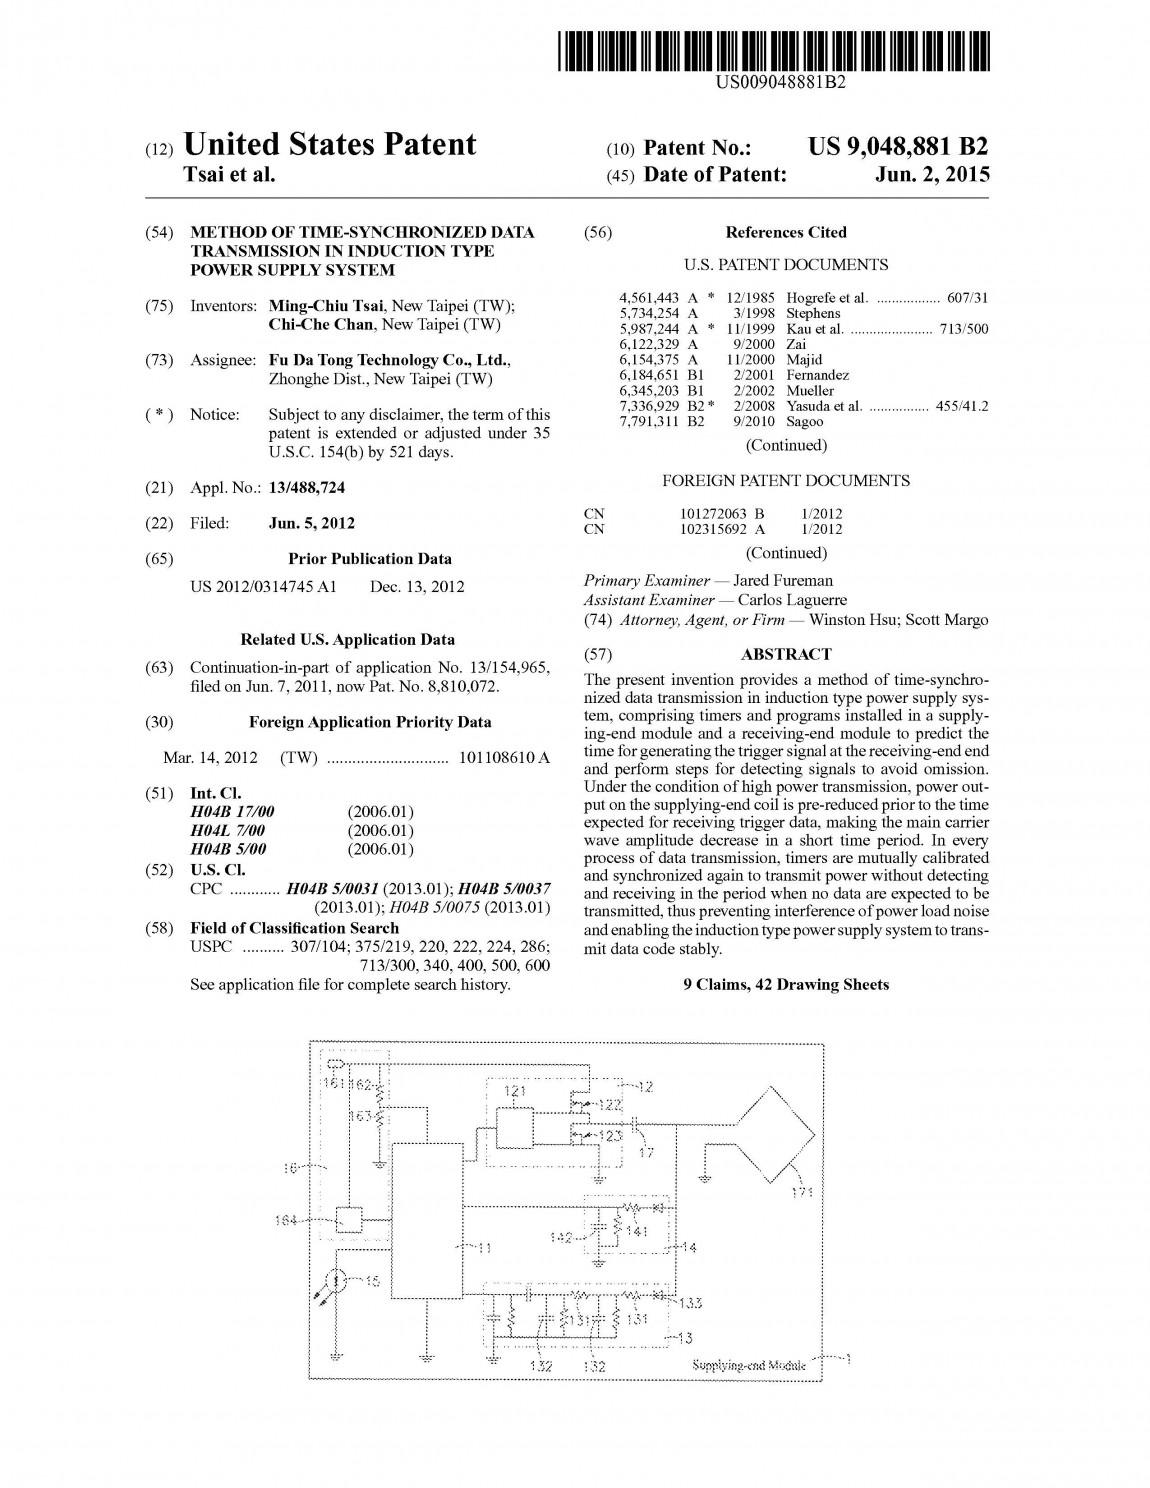 富達通專利14-Method of time-synchronized data transmission in induction type power supply system(美國)US9048881